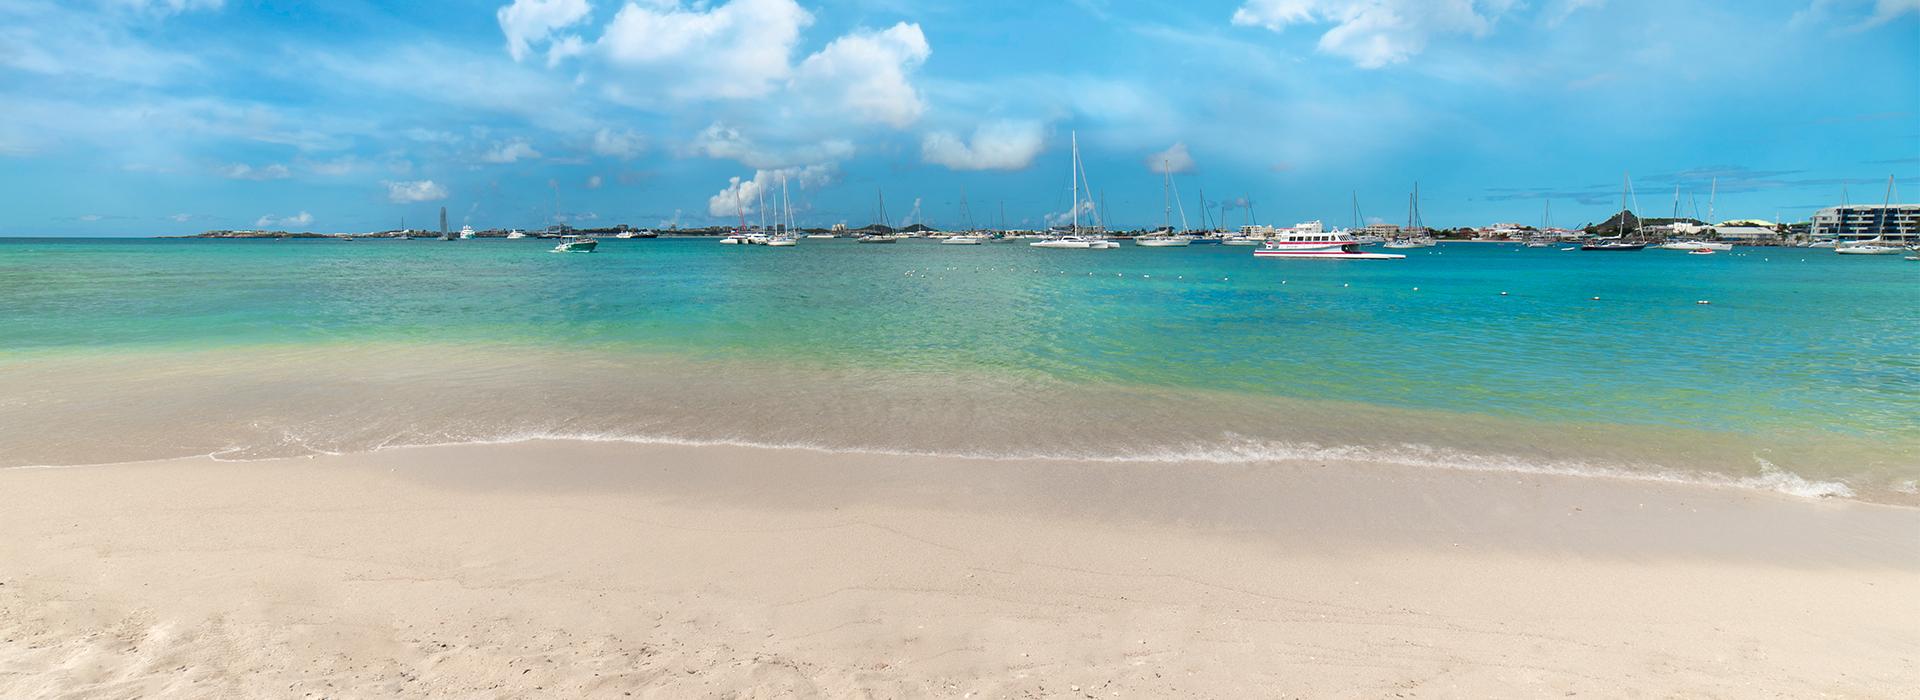 playa de isla de st maarten